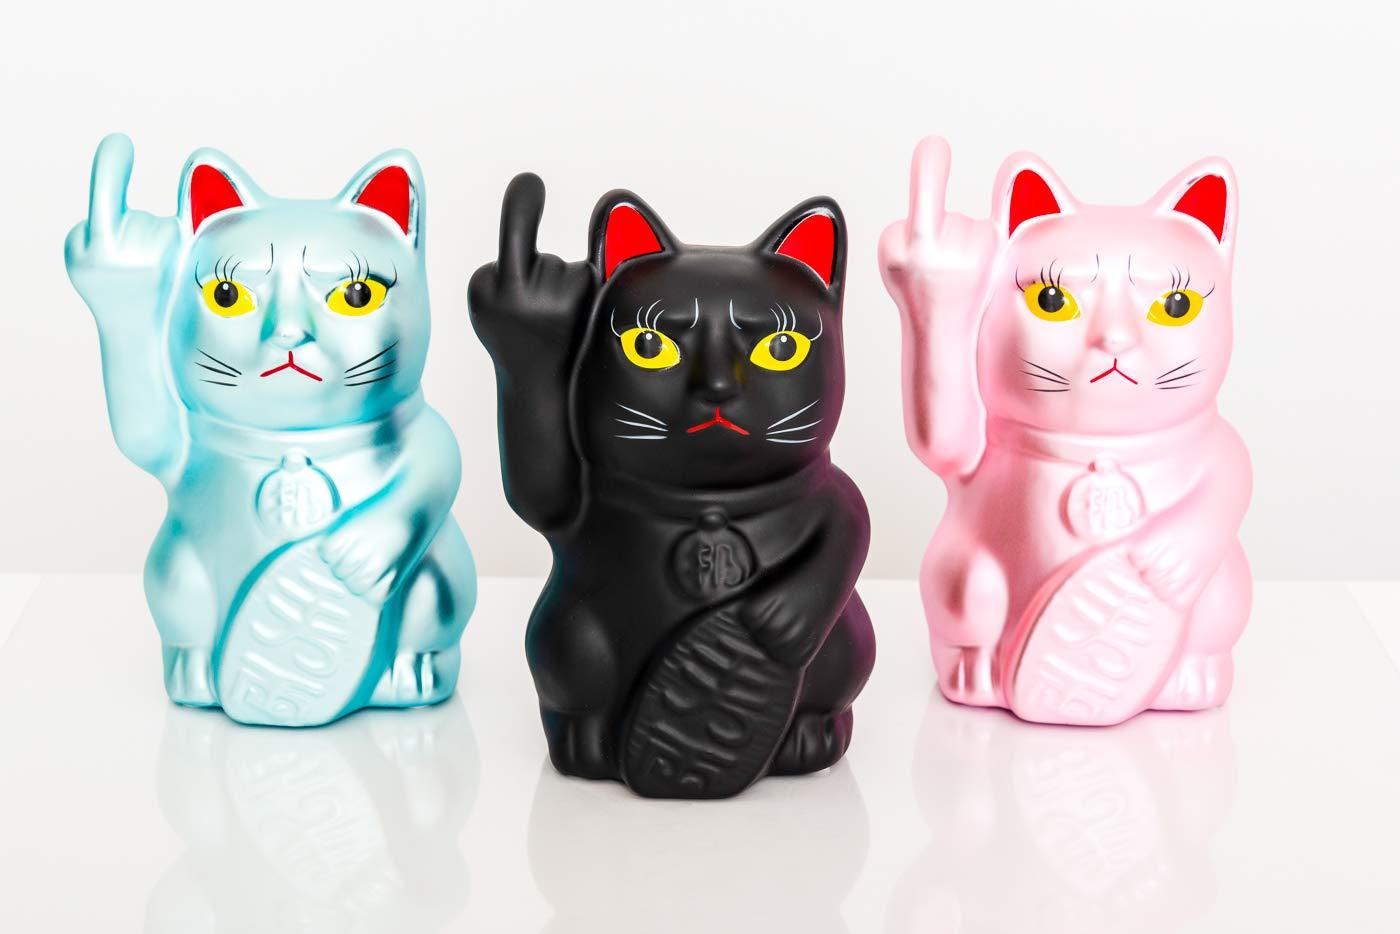 zhaocai art/ículos de decoraci/ón de cer/ámica para Oficina para los Amantes del winkek de Boxeo /de Lucky Cat sal/ón Fluffy Dreams/ 16/cm Tama/ño Aprox se Angry Cat Dormitorio Color: Negro